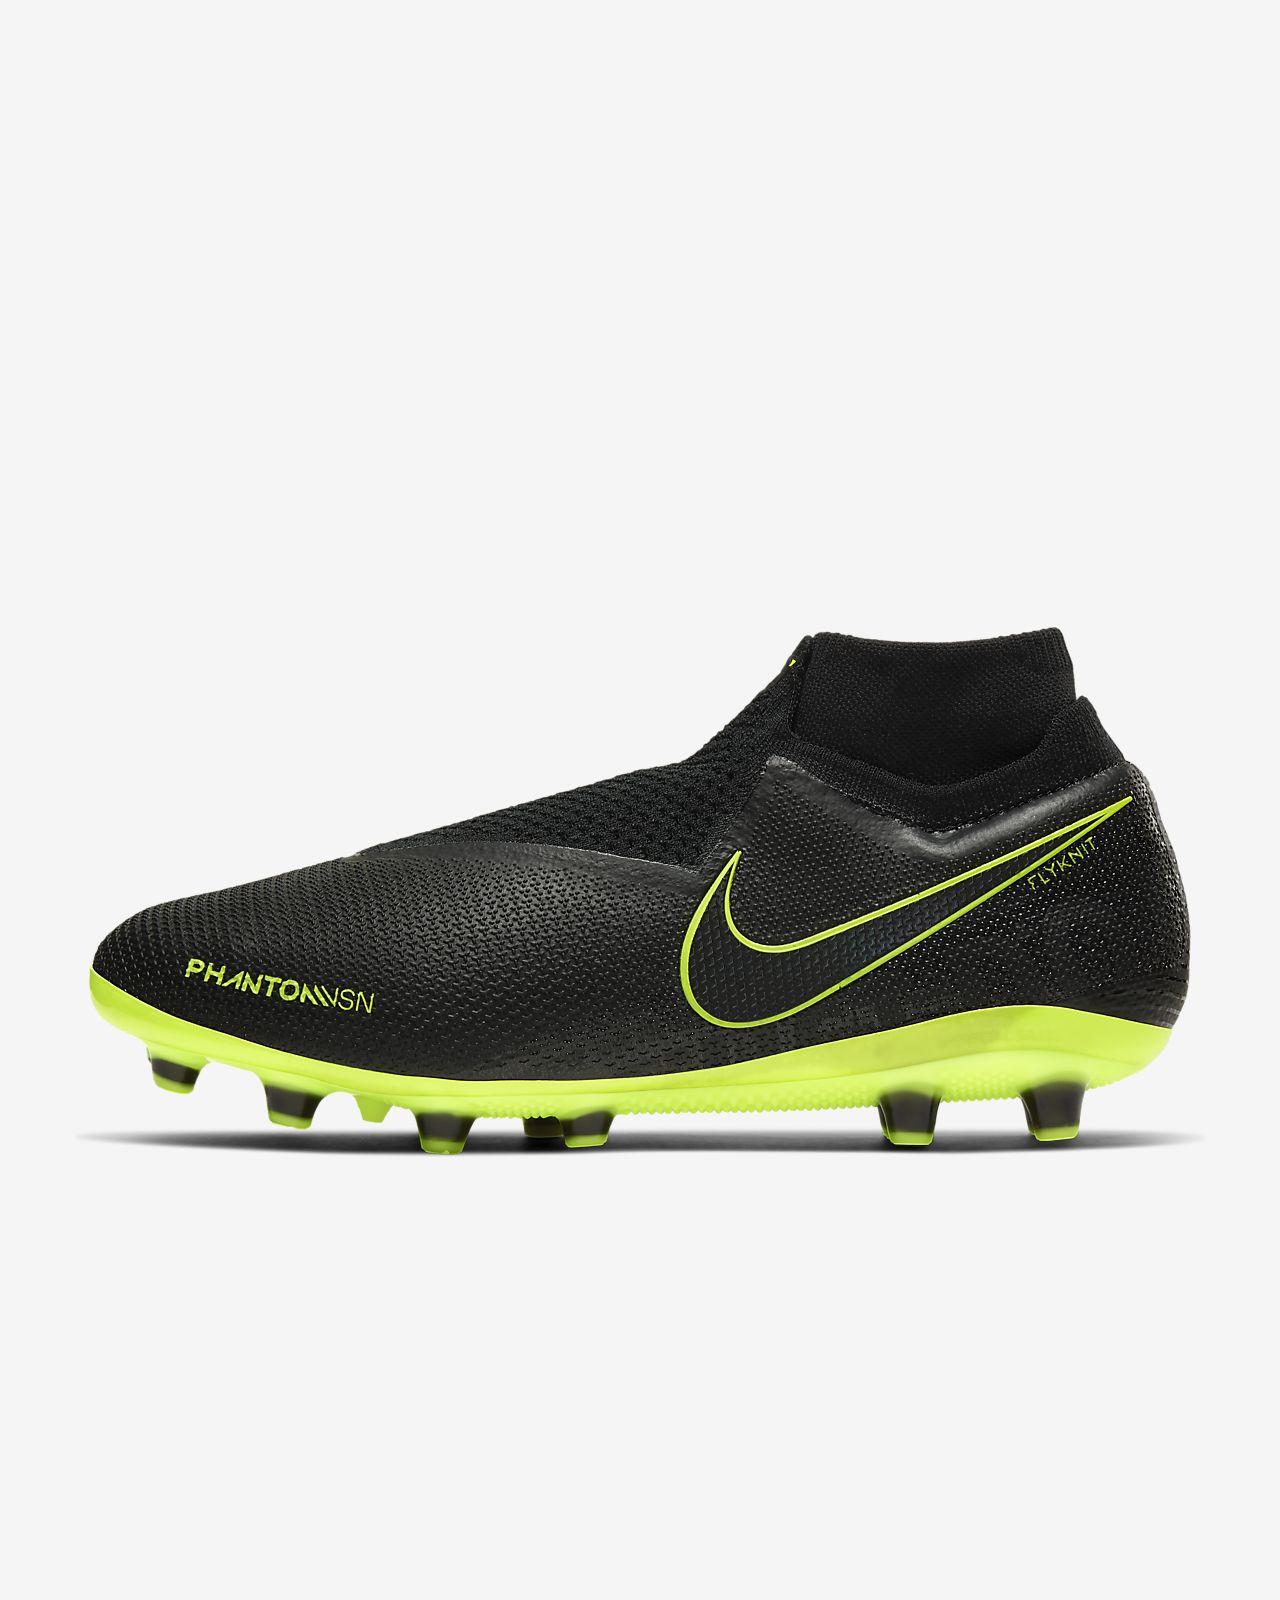 Fussballschuhe Kunstrasen Herren Nike